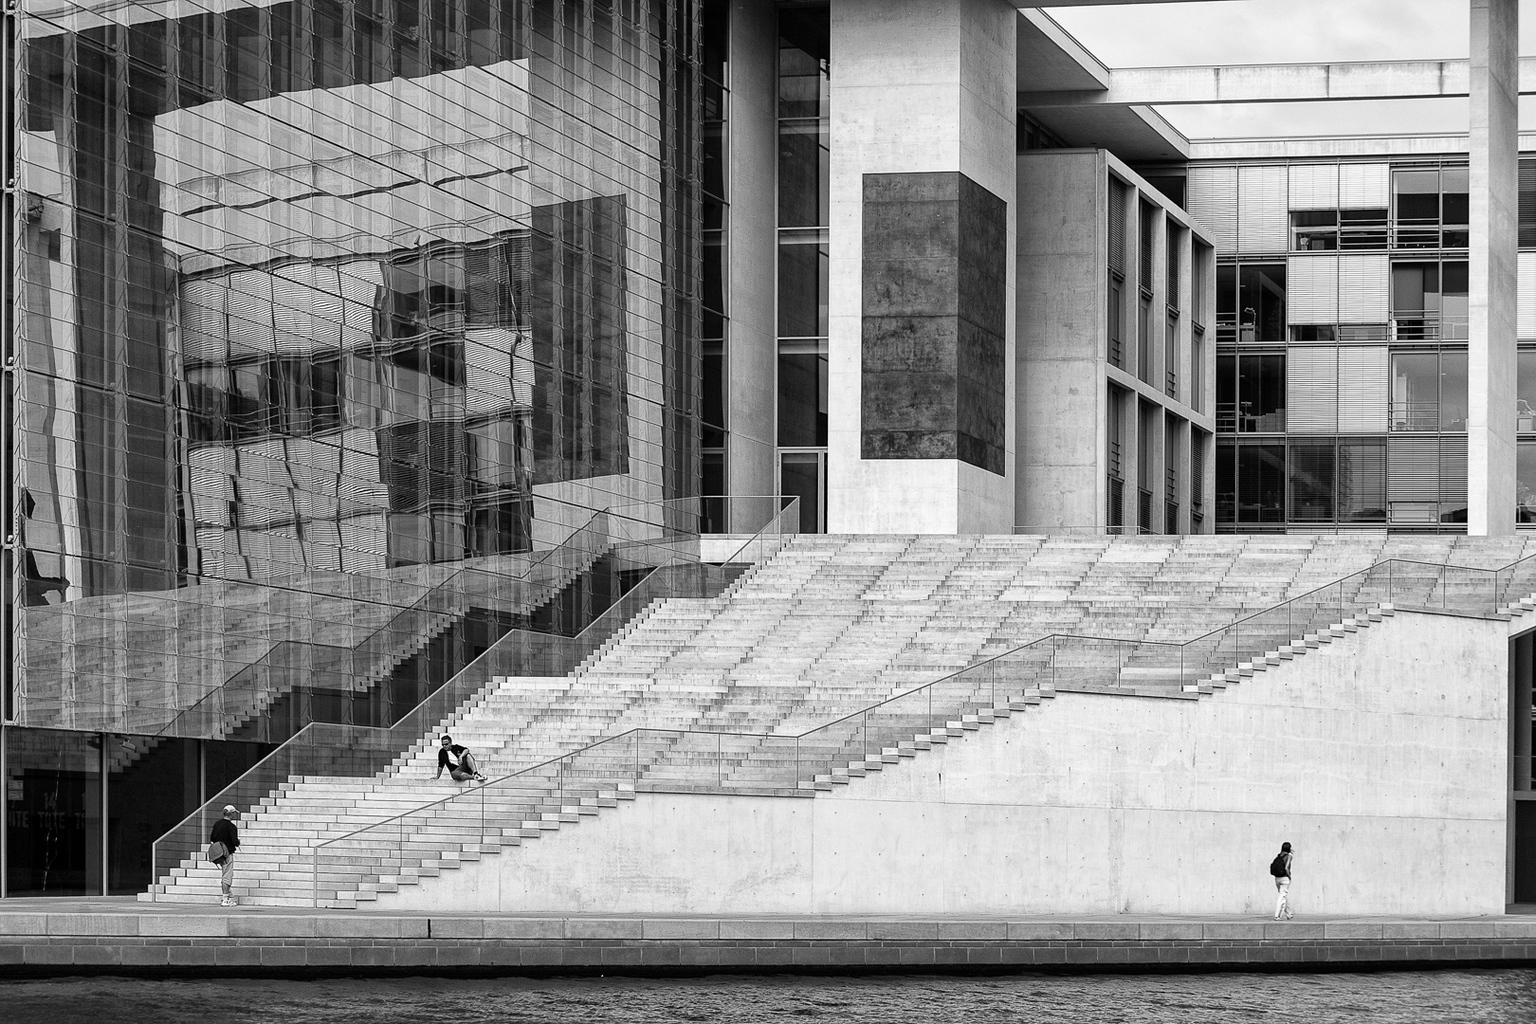 Paul Loebe Haus - De trappen van een van de parlementsgebouwen in Berlijn aan de oever van de Spree - foto door viterson op 13-04-2021 - locatie: Berlijn, Duitsland - deze foto bevat: zwart/wit, monochroom, architectuur, zwart, rechthoek, zwart en wit, stijl, stedelijk ontwerp, muur, materiële eigenschap, venster, steen, facade